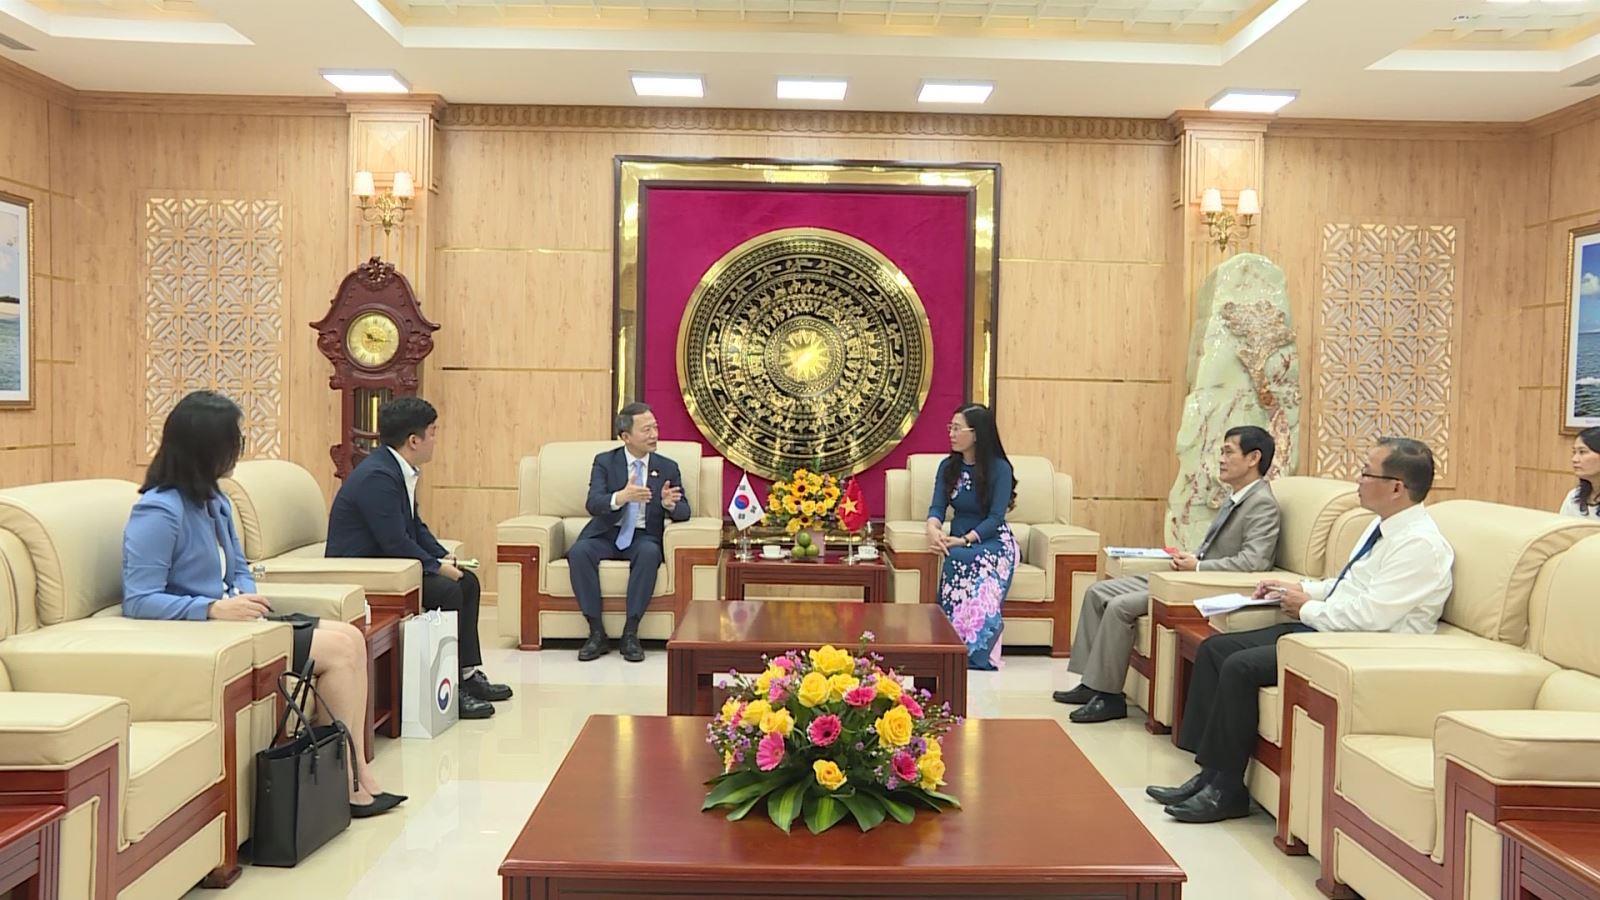 Bí Thư Tỉnh ủy Quảng Ngãi tiếp tổng Lãnh sự Hàn Quốc tại TP Đà Nẵng